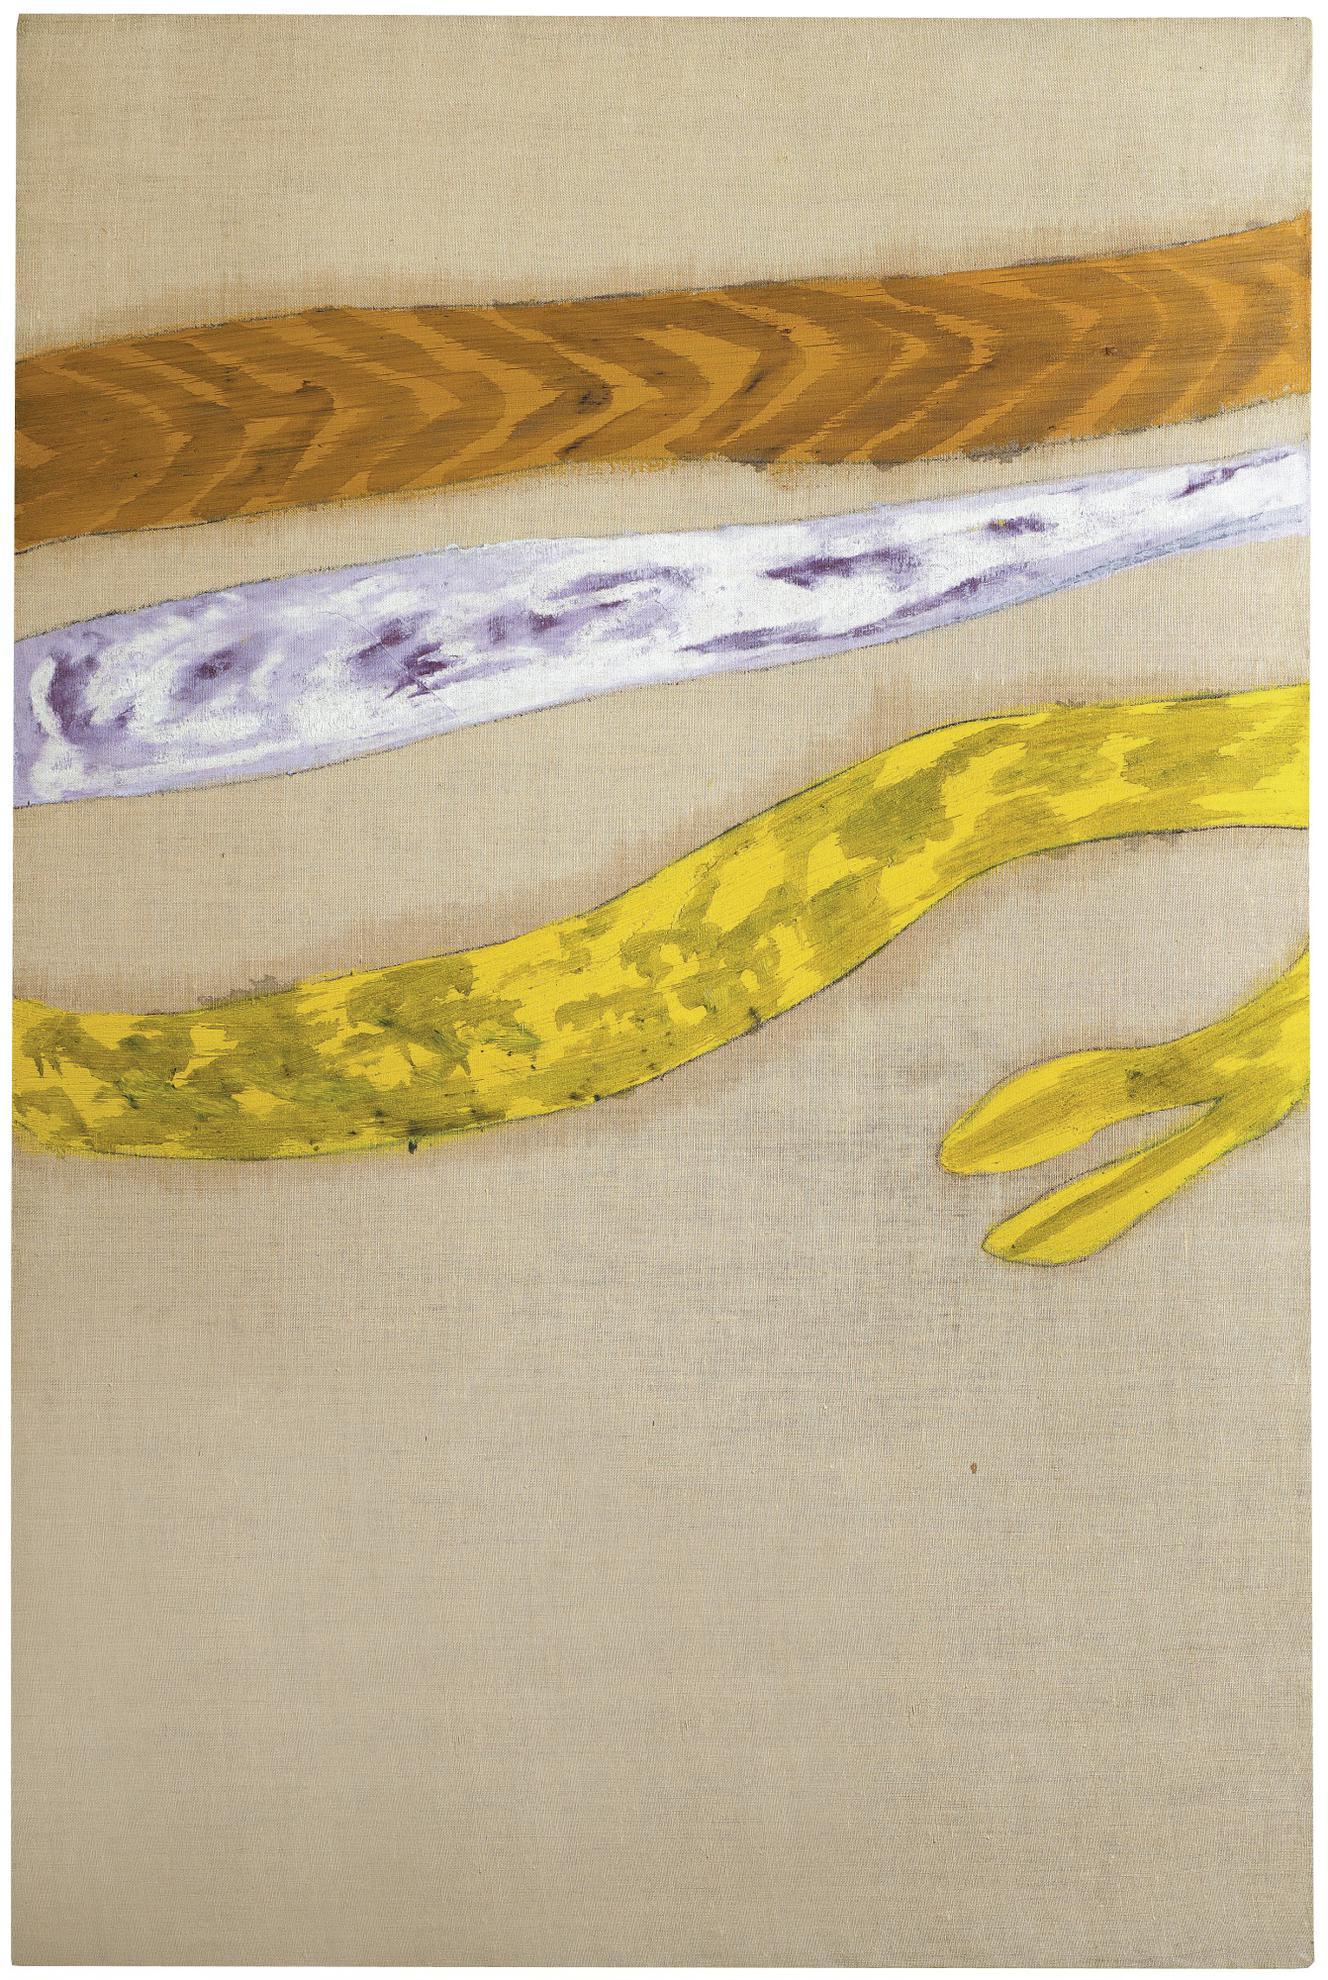 David Hockney-3 Snakes-1962